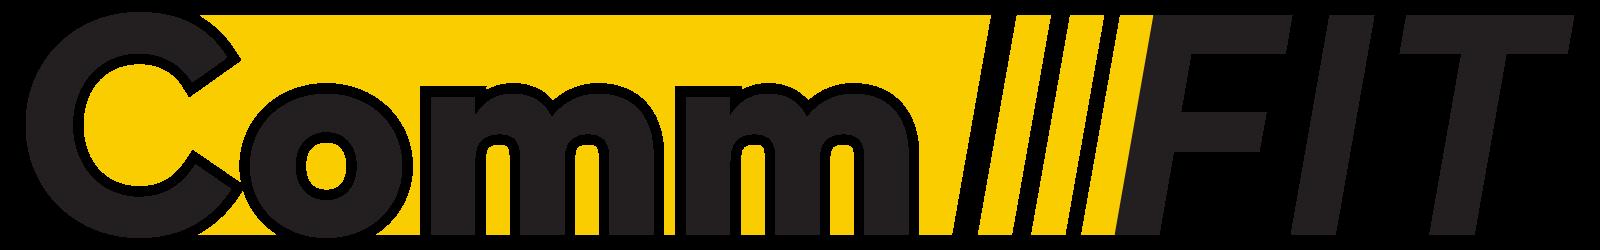 Commfit